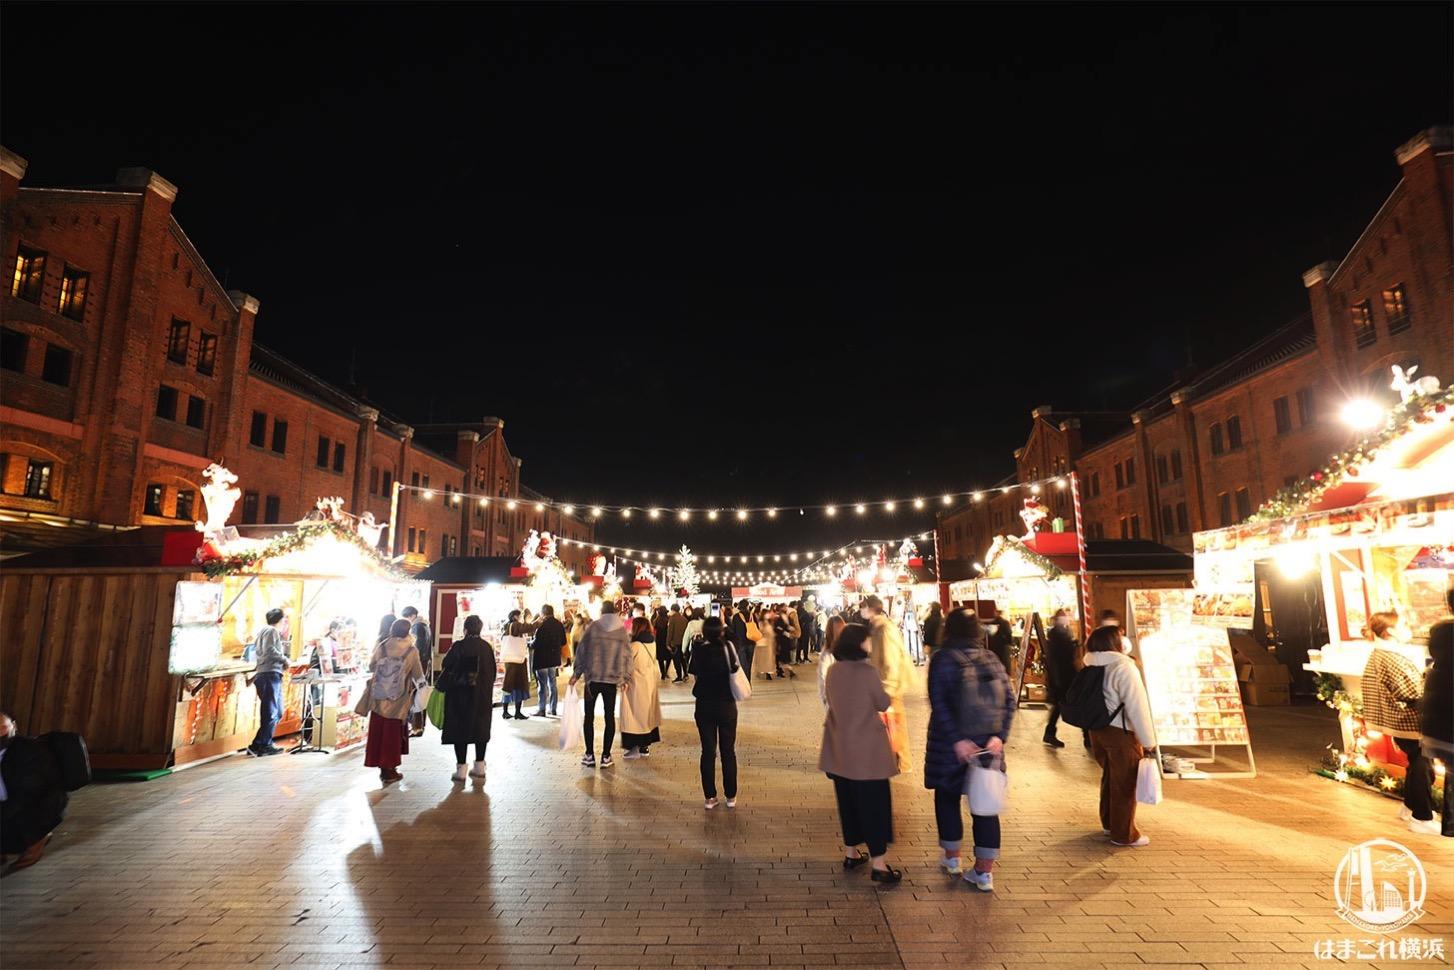 2020年 クリスマスマーケット in 横浜赤レンガ倉庫 会場